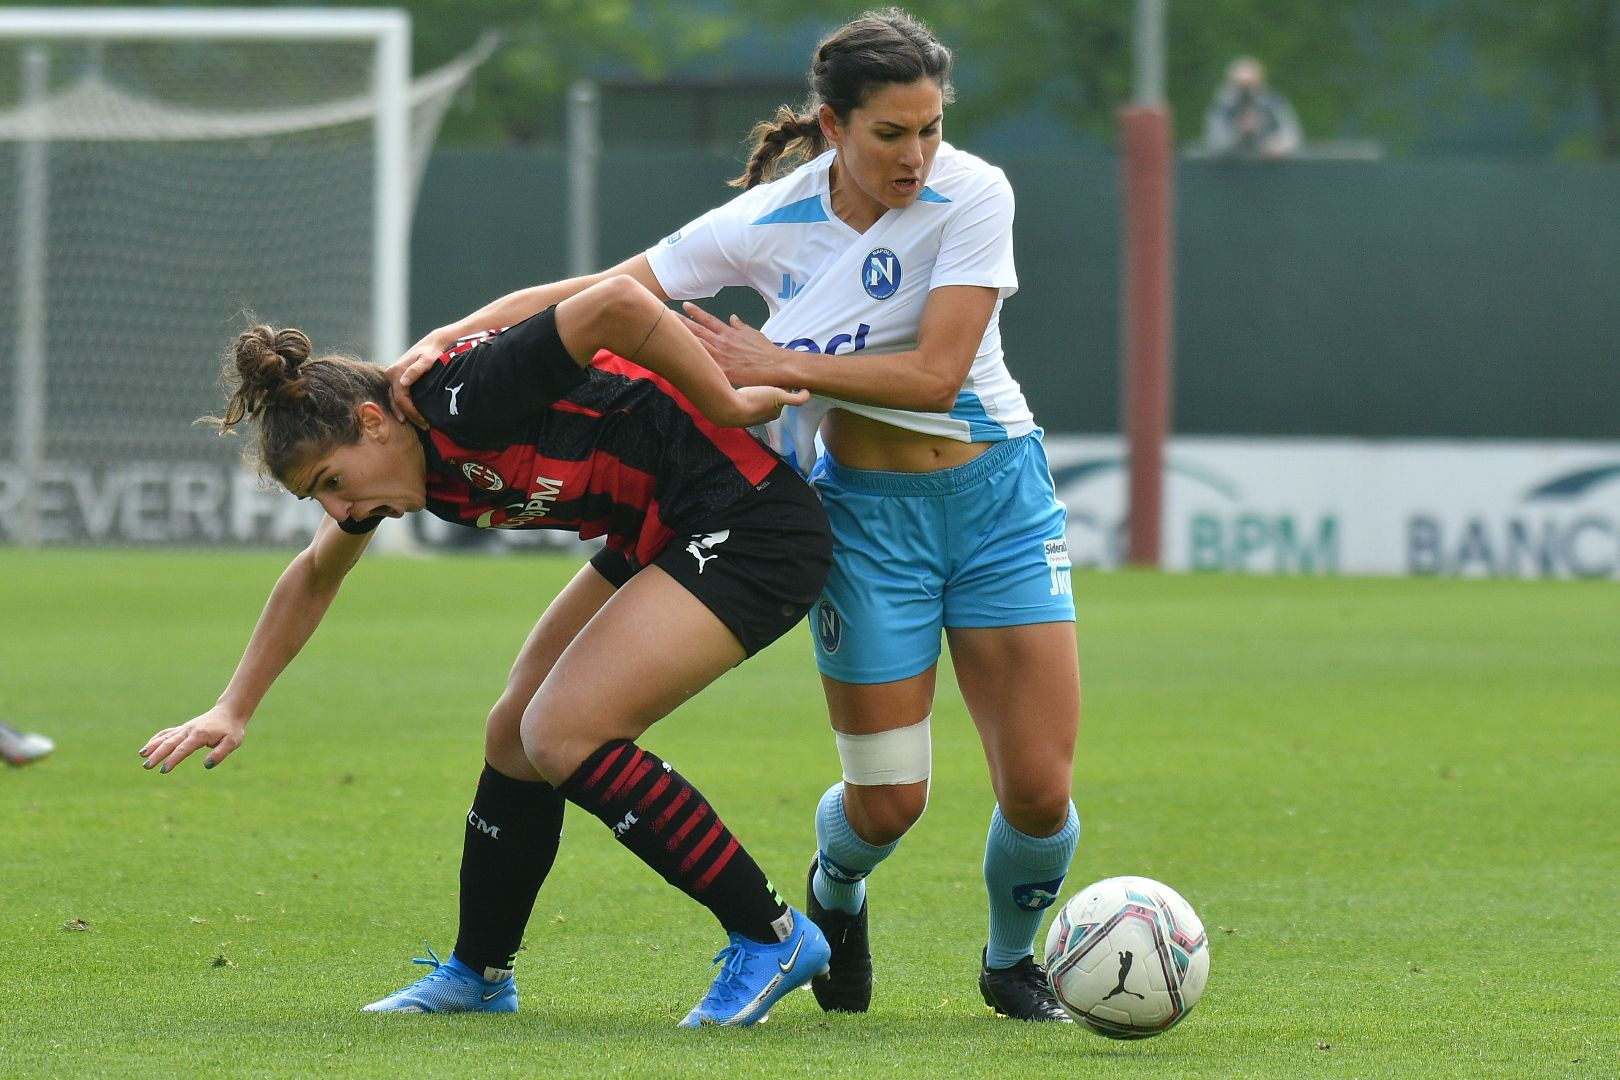 Calcio Femminile. Troppo forte il Milan per il Napoli che incappa in una sconfitta pesante 4-0